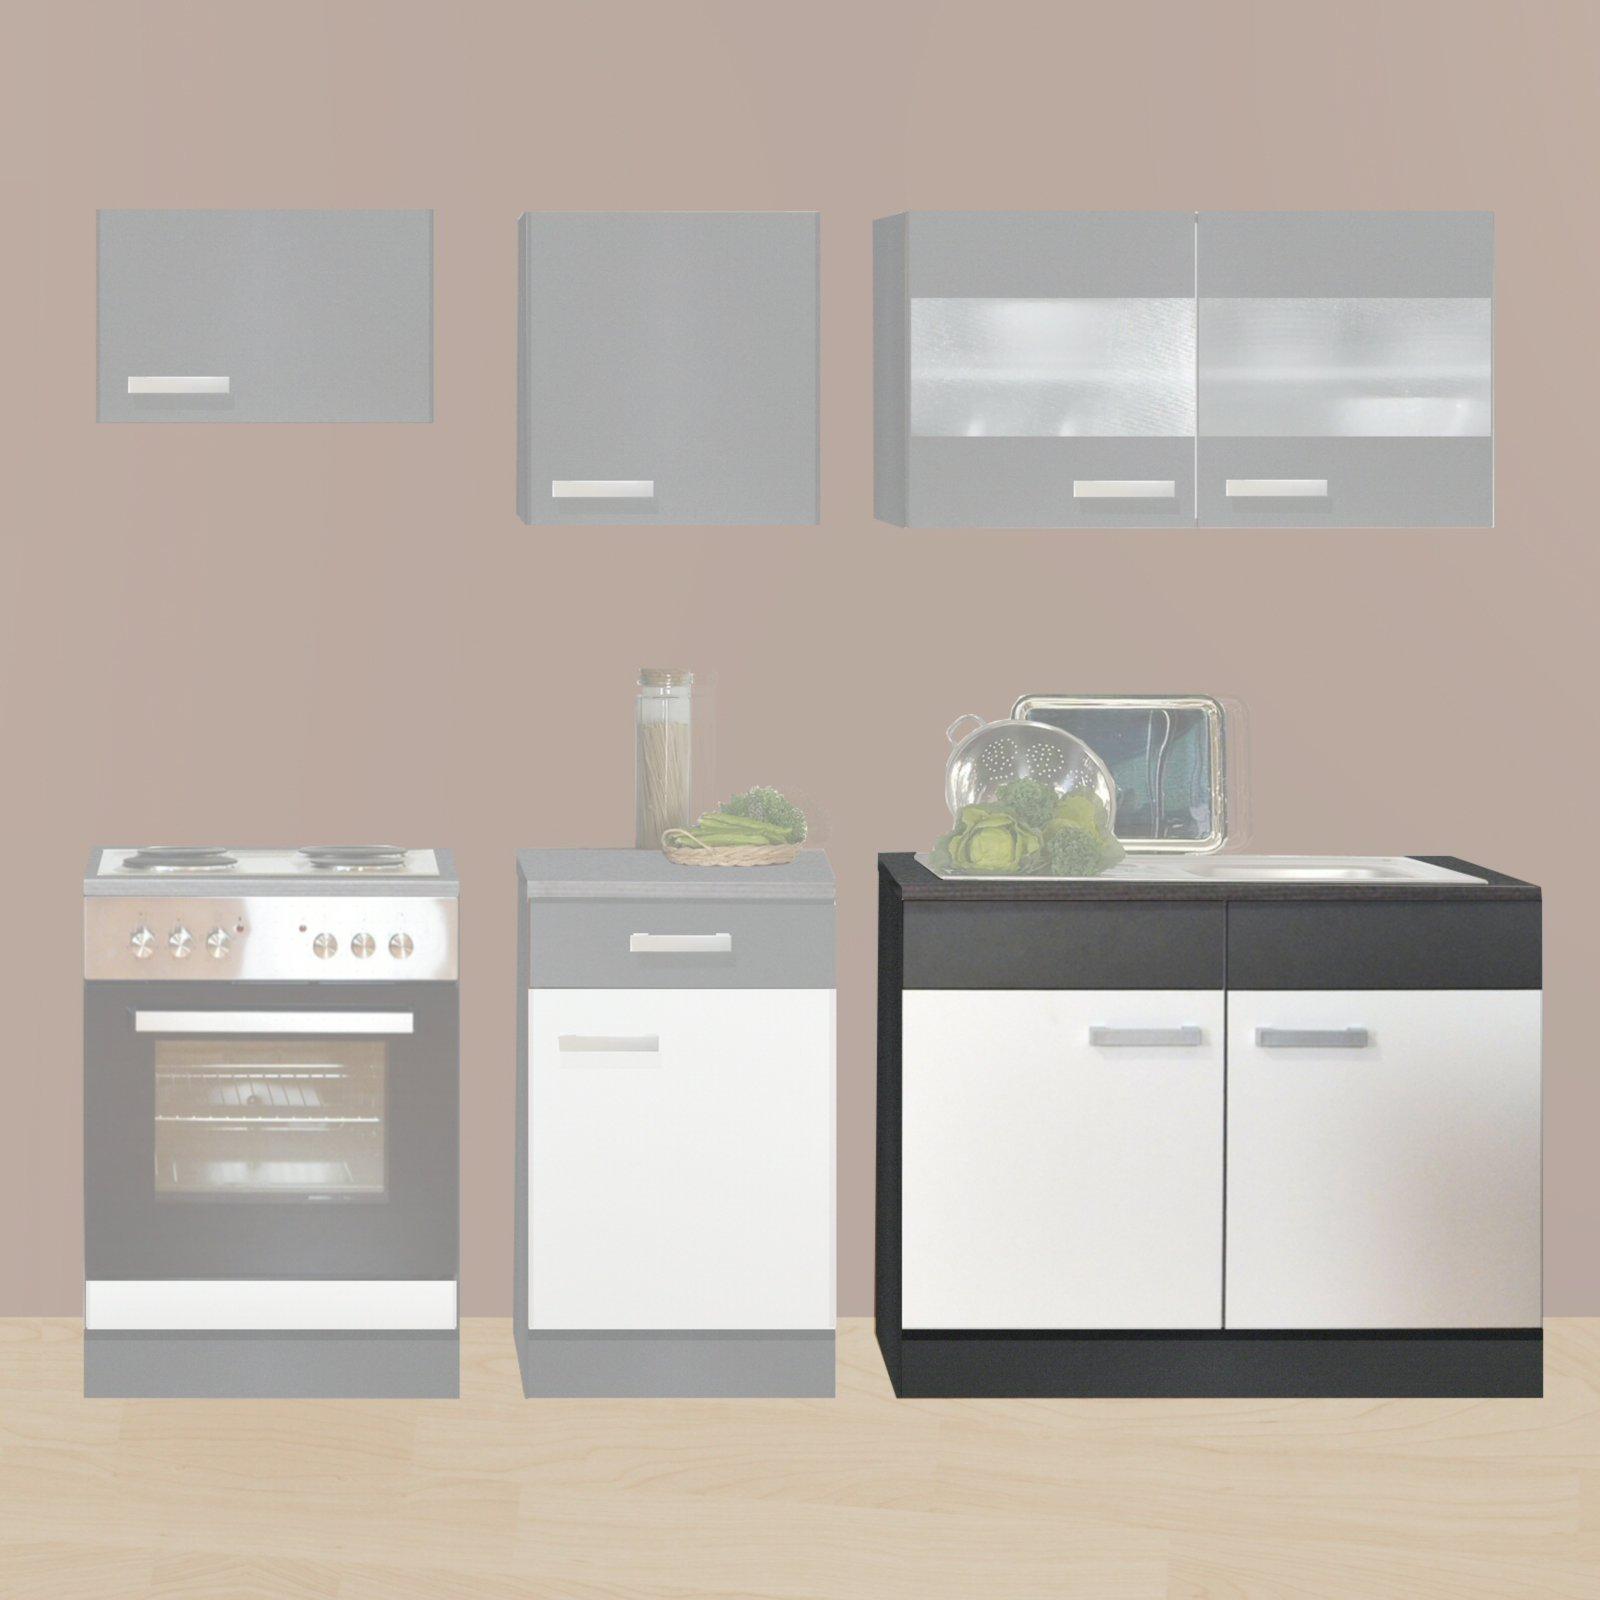 Spülenunterschränke von ROLLER - günstige Unterschränke für die Küche